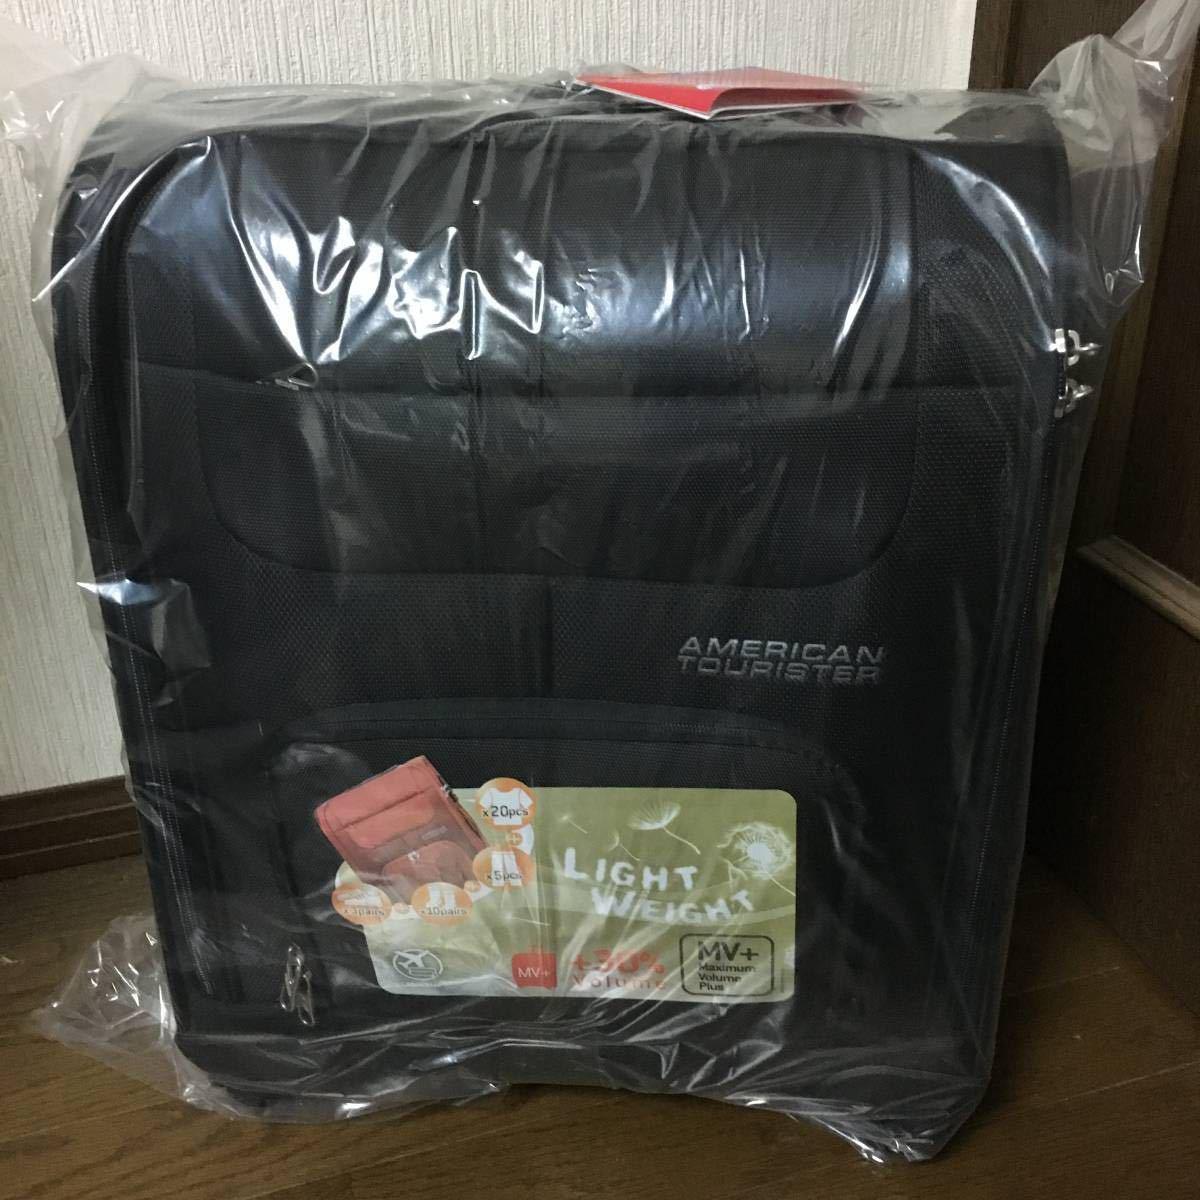 新品 未使用 サムソナイト アメリカンツーリスター MVプラス 機内持ち込み可 ソフトキャリー スーツケース ブラック Samsonite